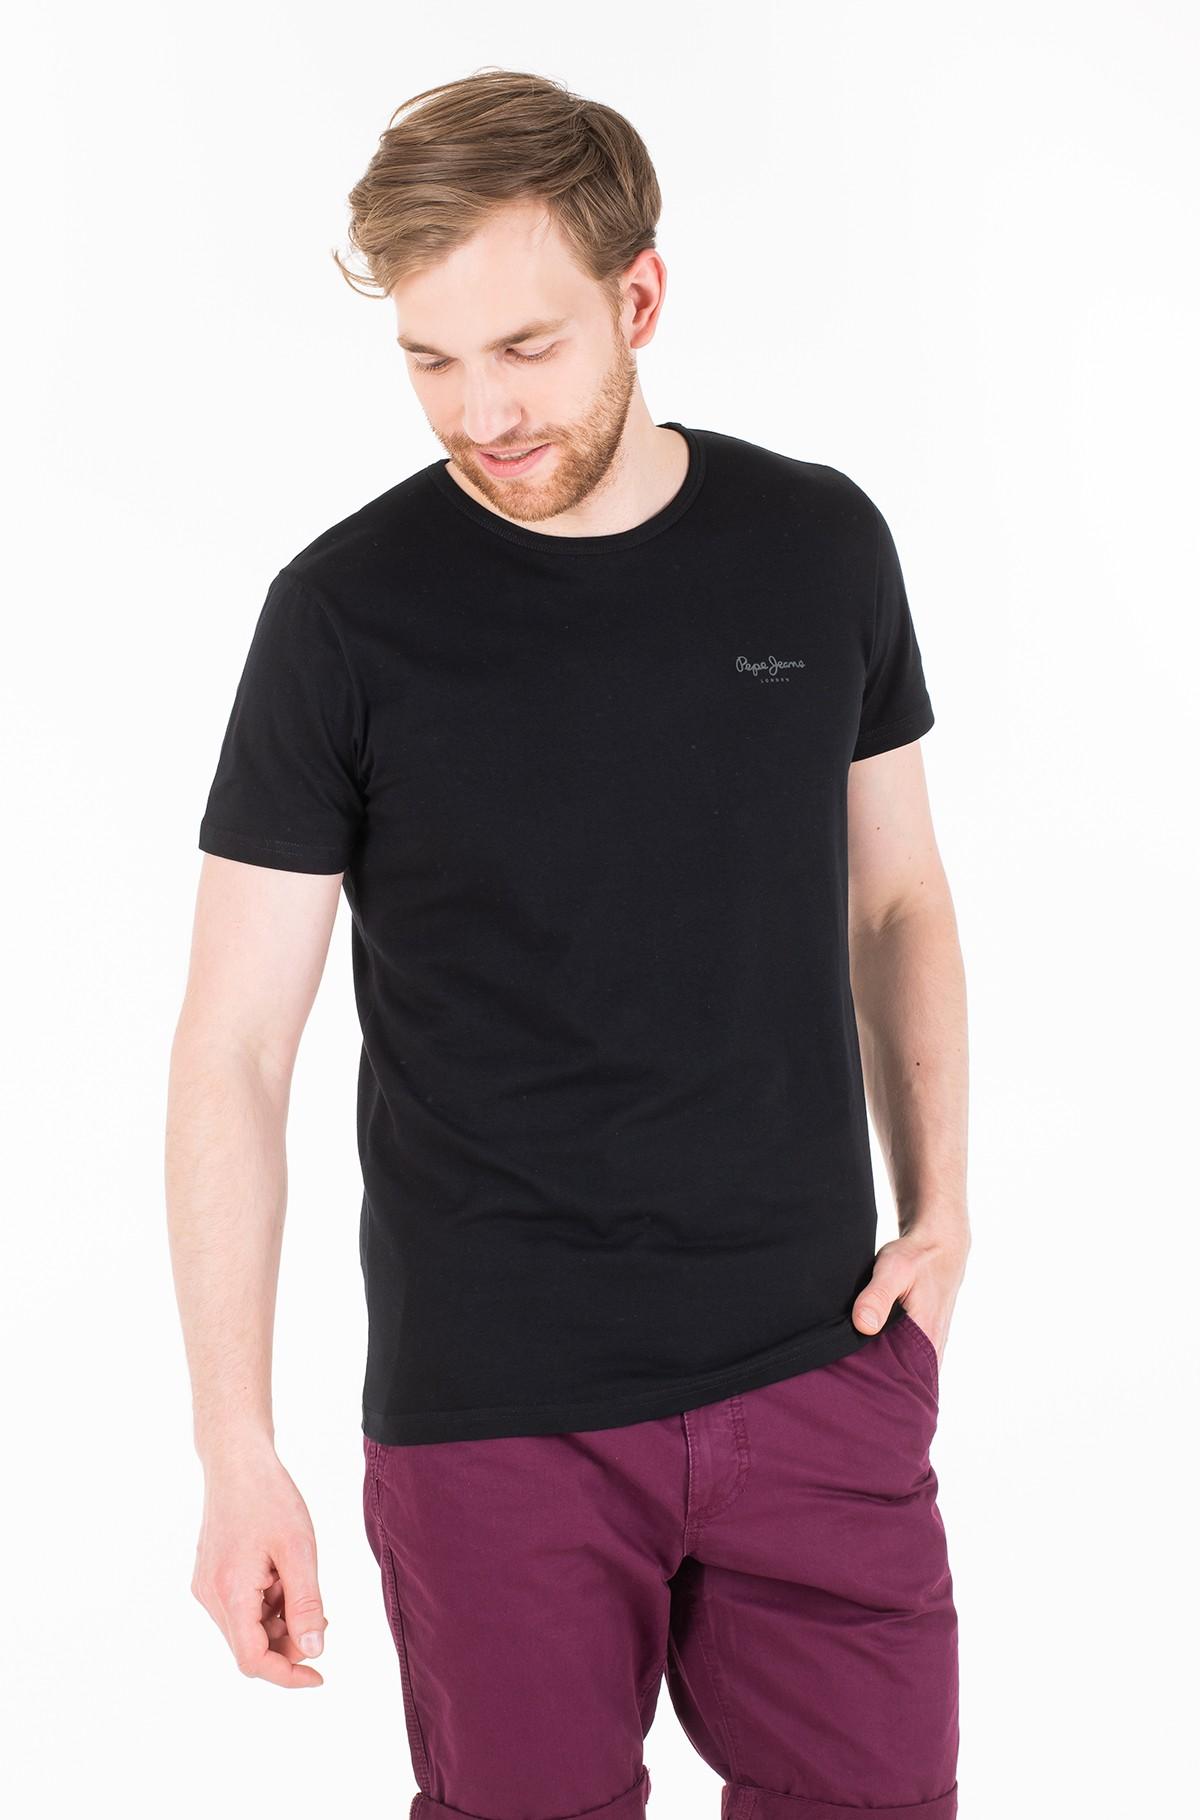 Marškinėliai ORIGINAL BASIC S/S/PM503835-full-1